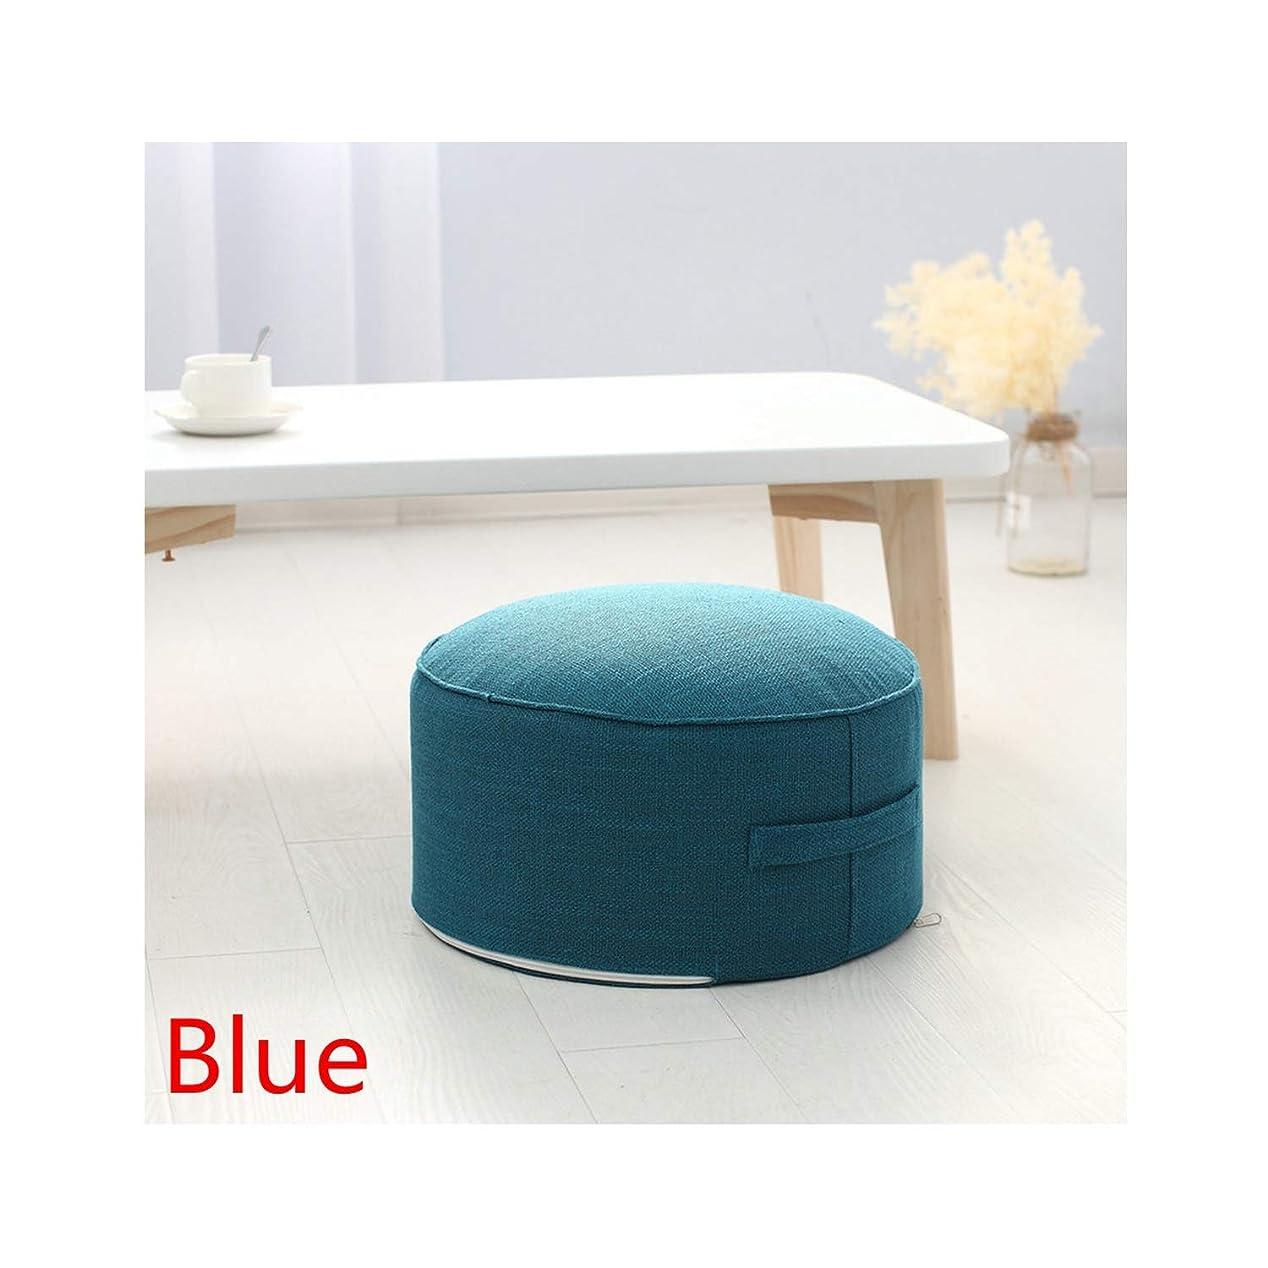 経験者長椅子知恵座布団 チェアクッション ラウンド スポンジシートクッション 畳クッション 瞑想/ヨガ ラウンドマット 椅子クッション,Blue